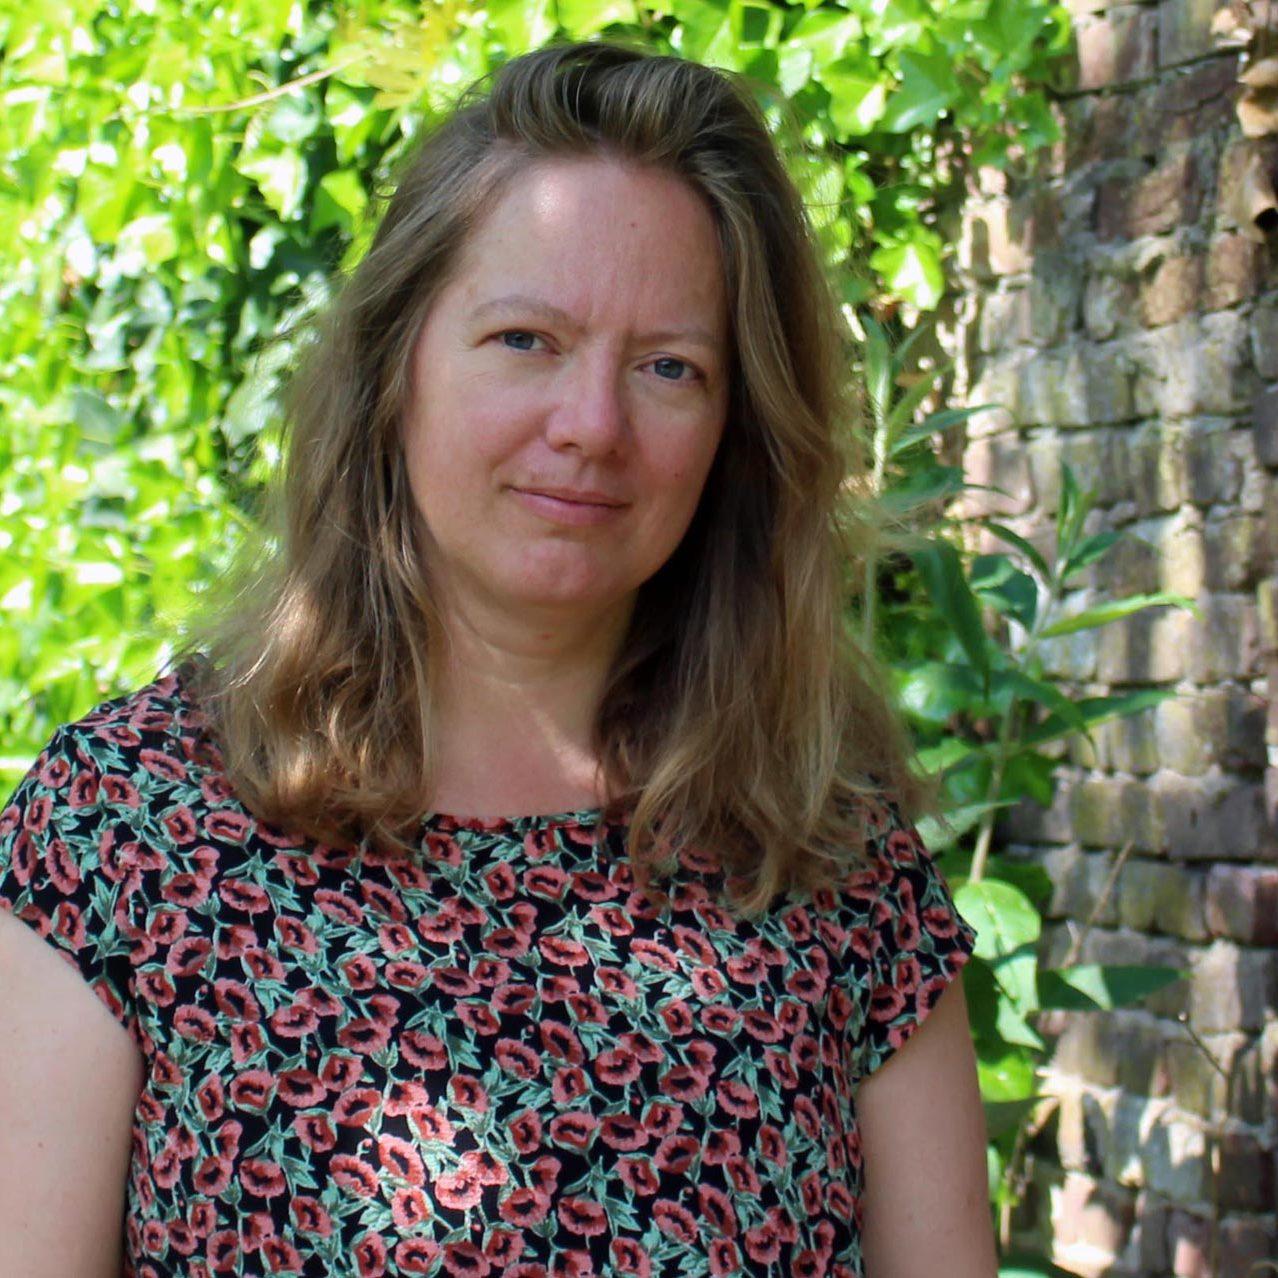 Leonie van Lare